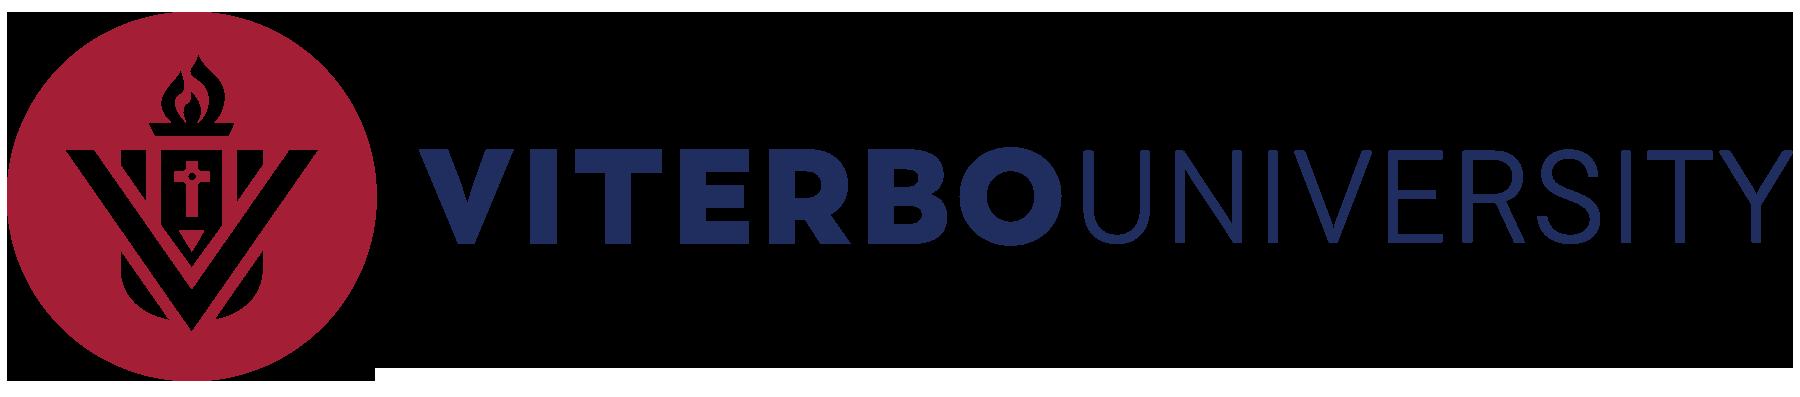 Viterbo University Logo